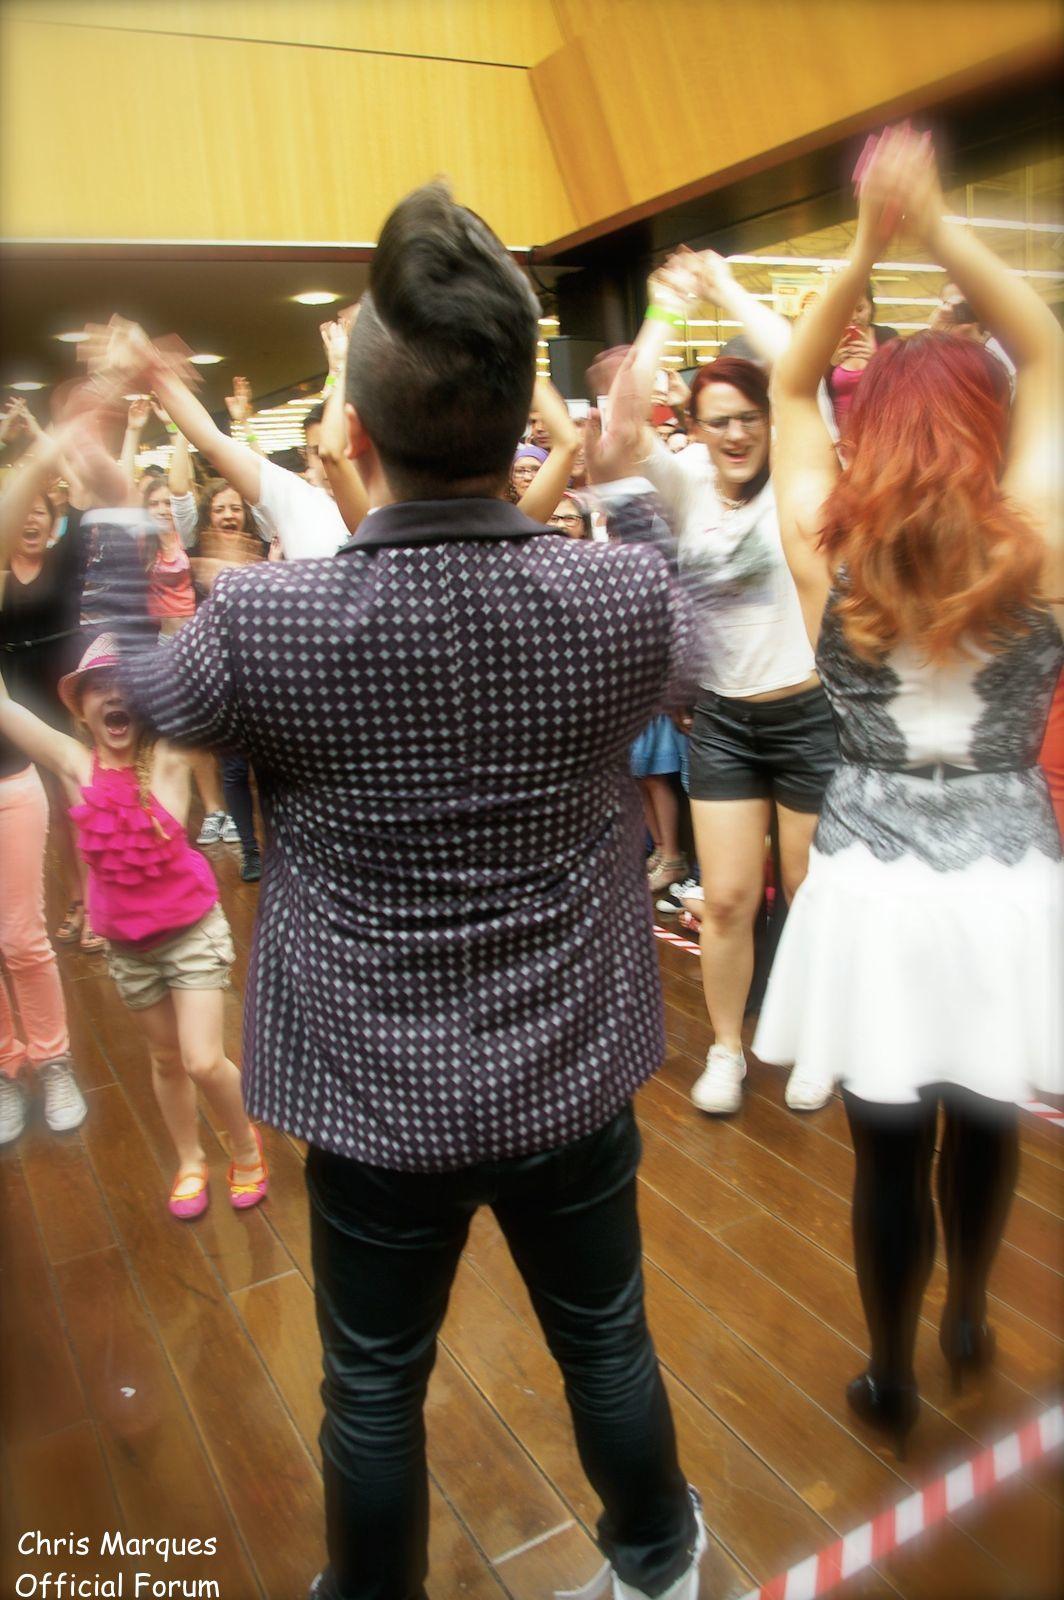 [14.06.2014] Evénement à #Colmar Chris Marques et Jaclyn Spencer pour un Flashmob/Cours de Danse/Dédicaces exceptionnels le tout organisé par la MJC de Colmar 1412